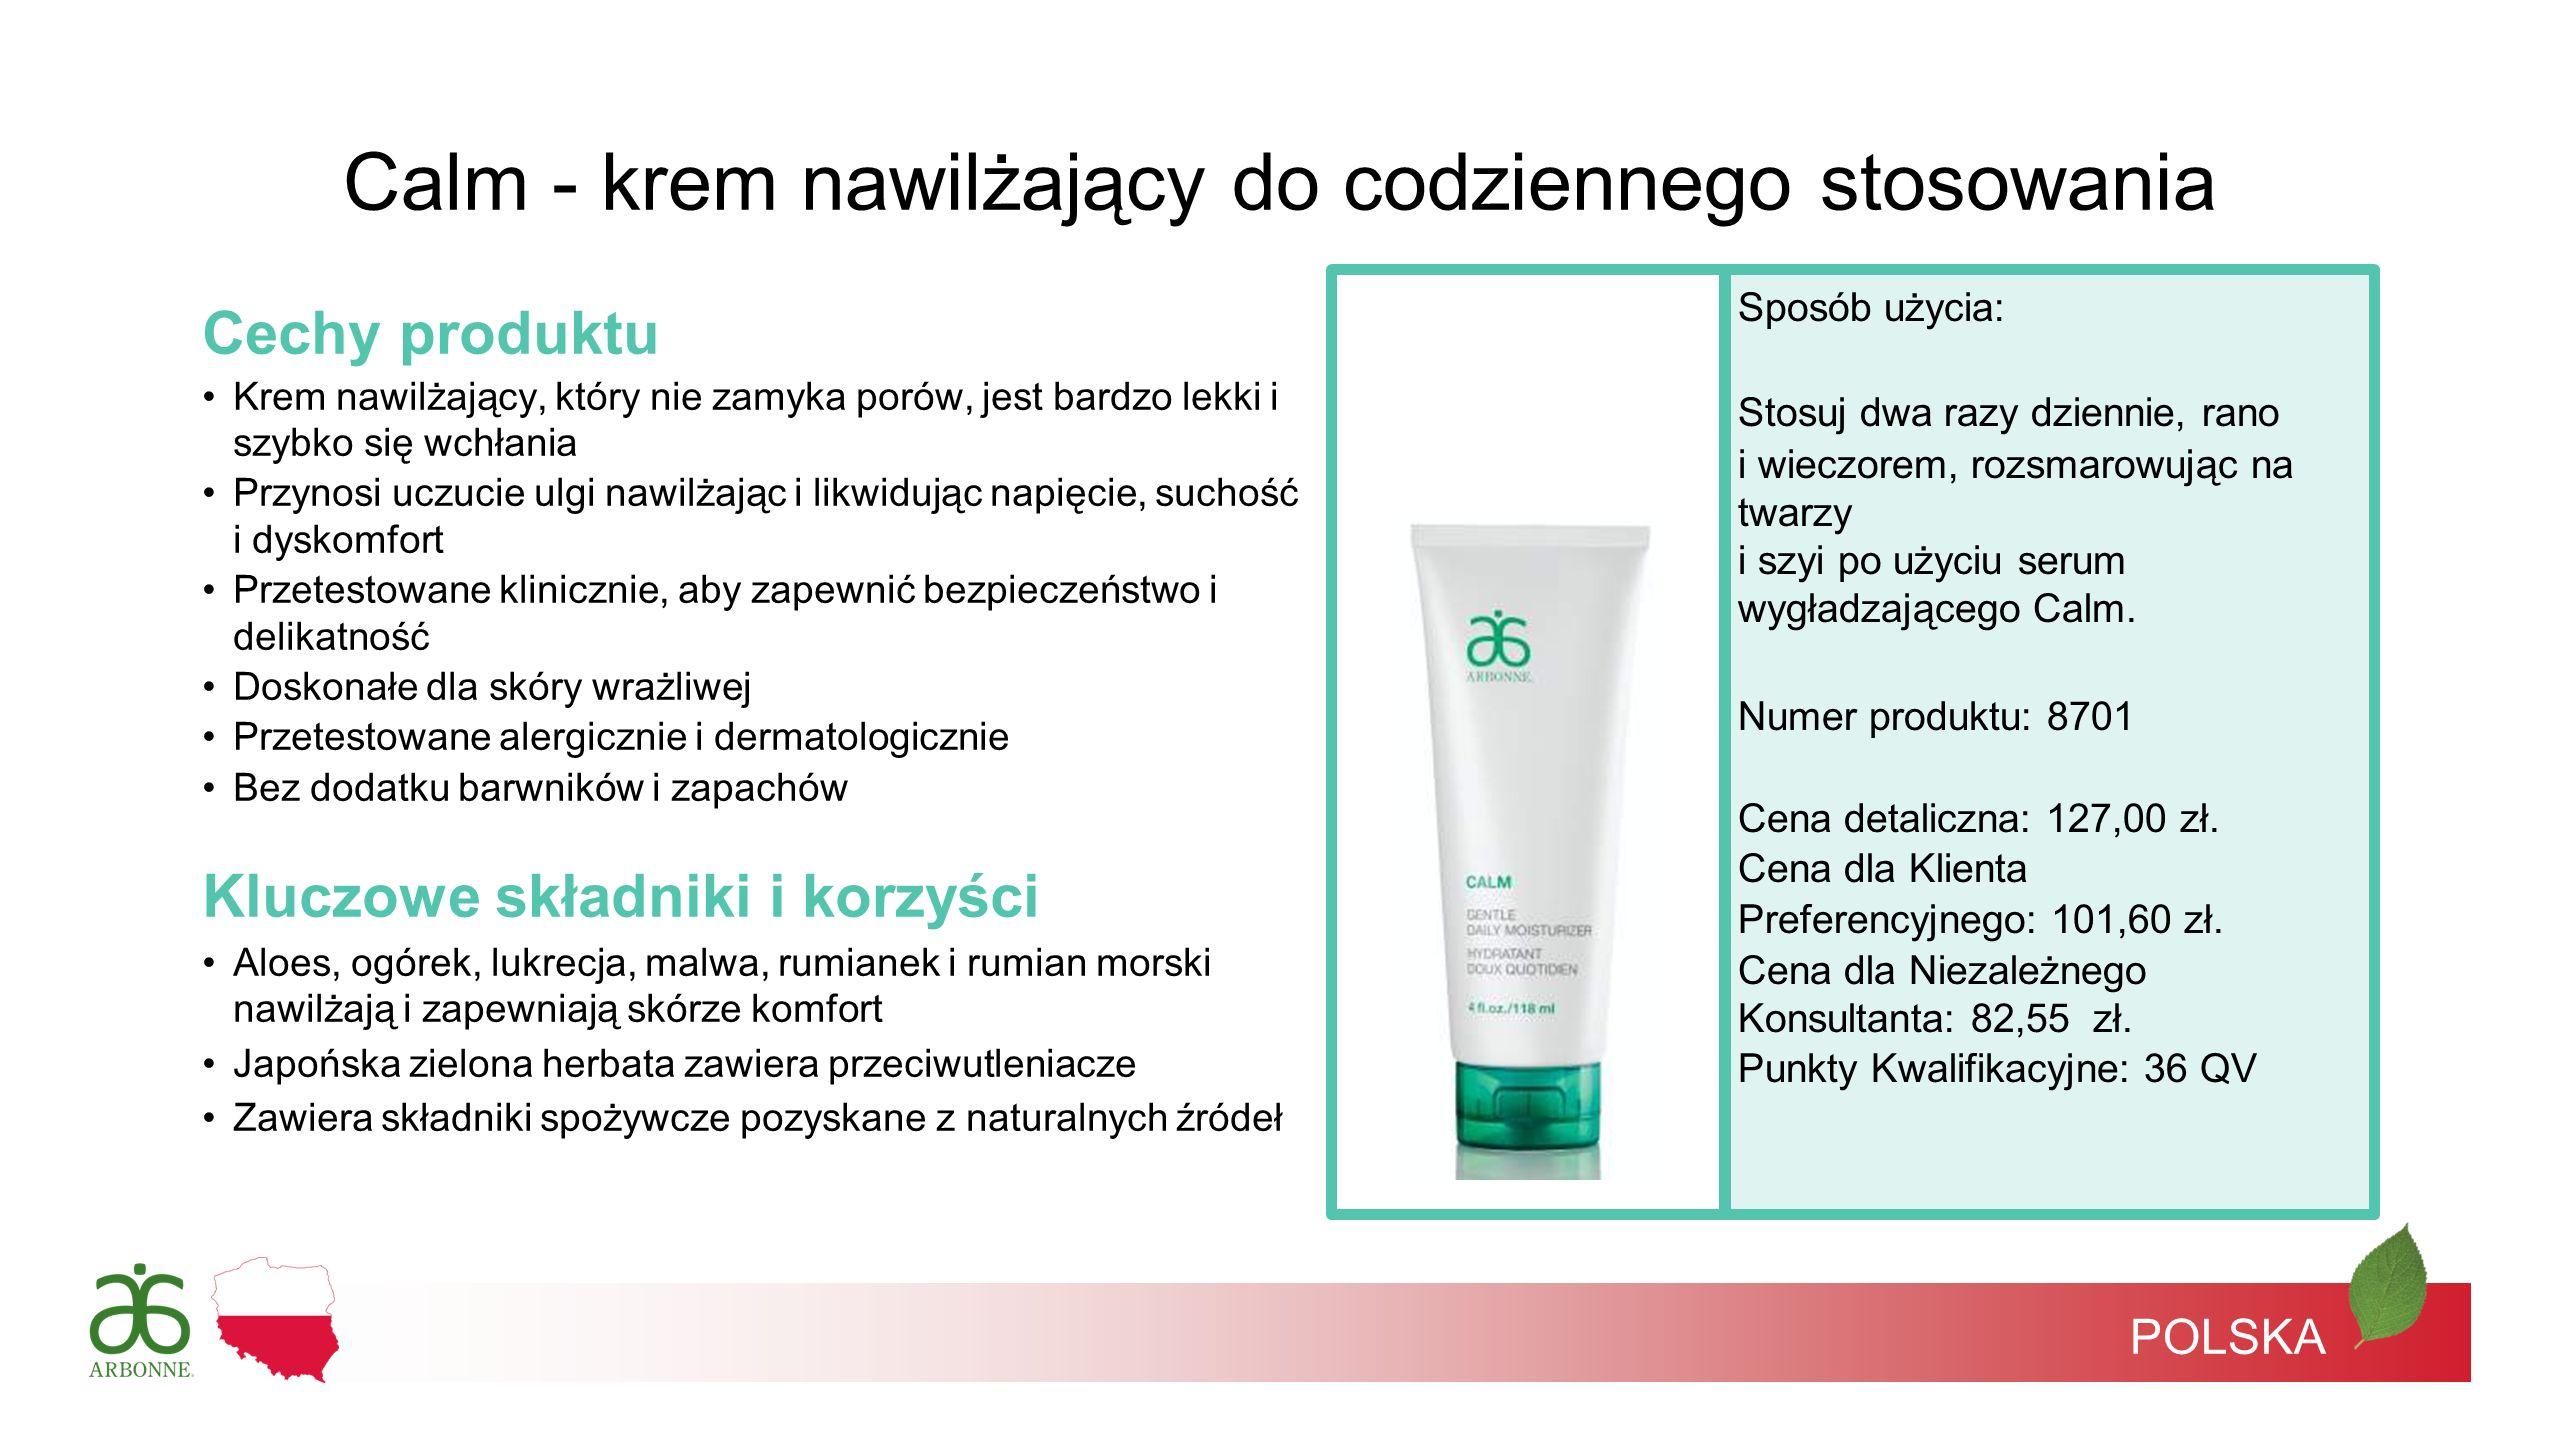 POLSKA Cechy produktu Krem nawilżający, który nie zamyka porów, jest bardzo lekki i szybko się wchłania Przynosi uczucie ulgi nawilżając i likwidując